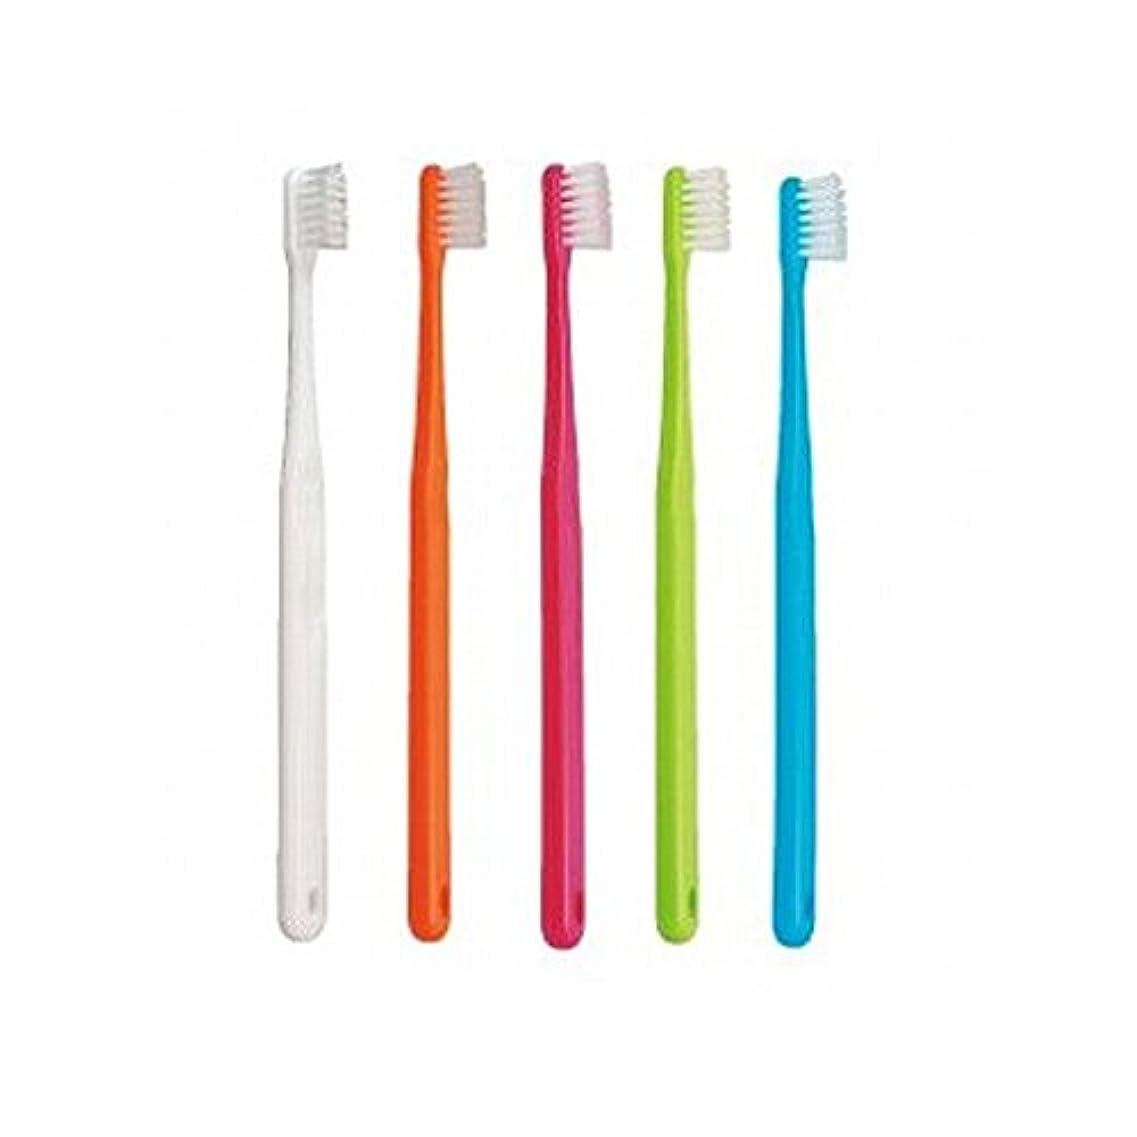 チャーミング取得するスマイル【Ci/シーアイ】【歯科用】Ci702 25本【歯ブラシ】【ふつう】【極薄ヘッド】ハンドルカラー5色選択不可